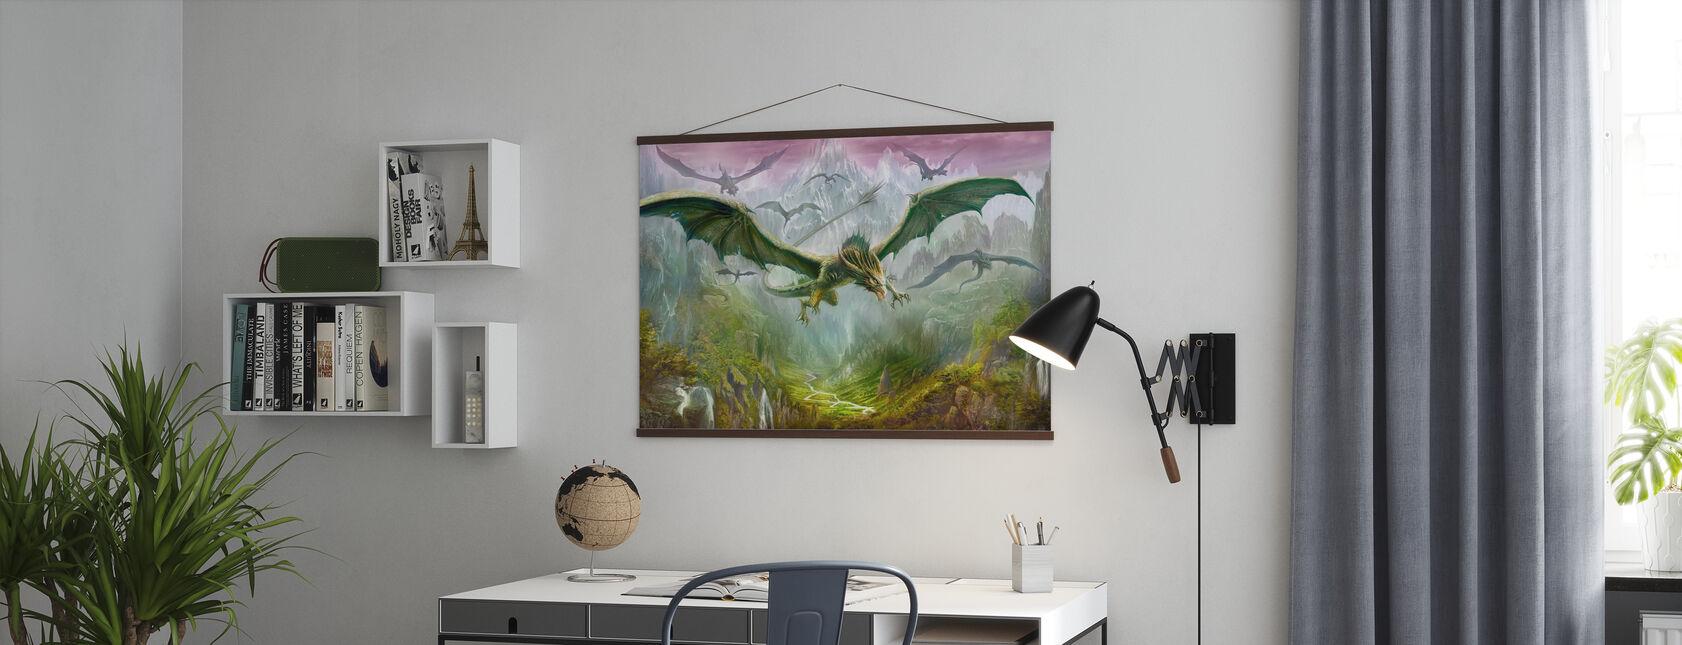 Drakarnas dal - Poster - Kontor